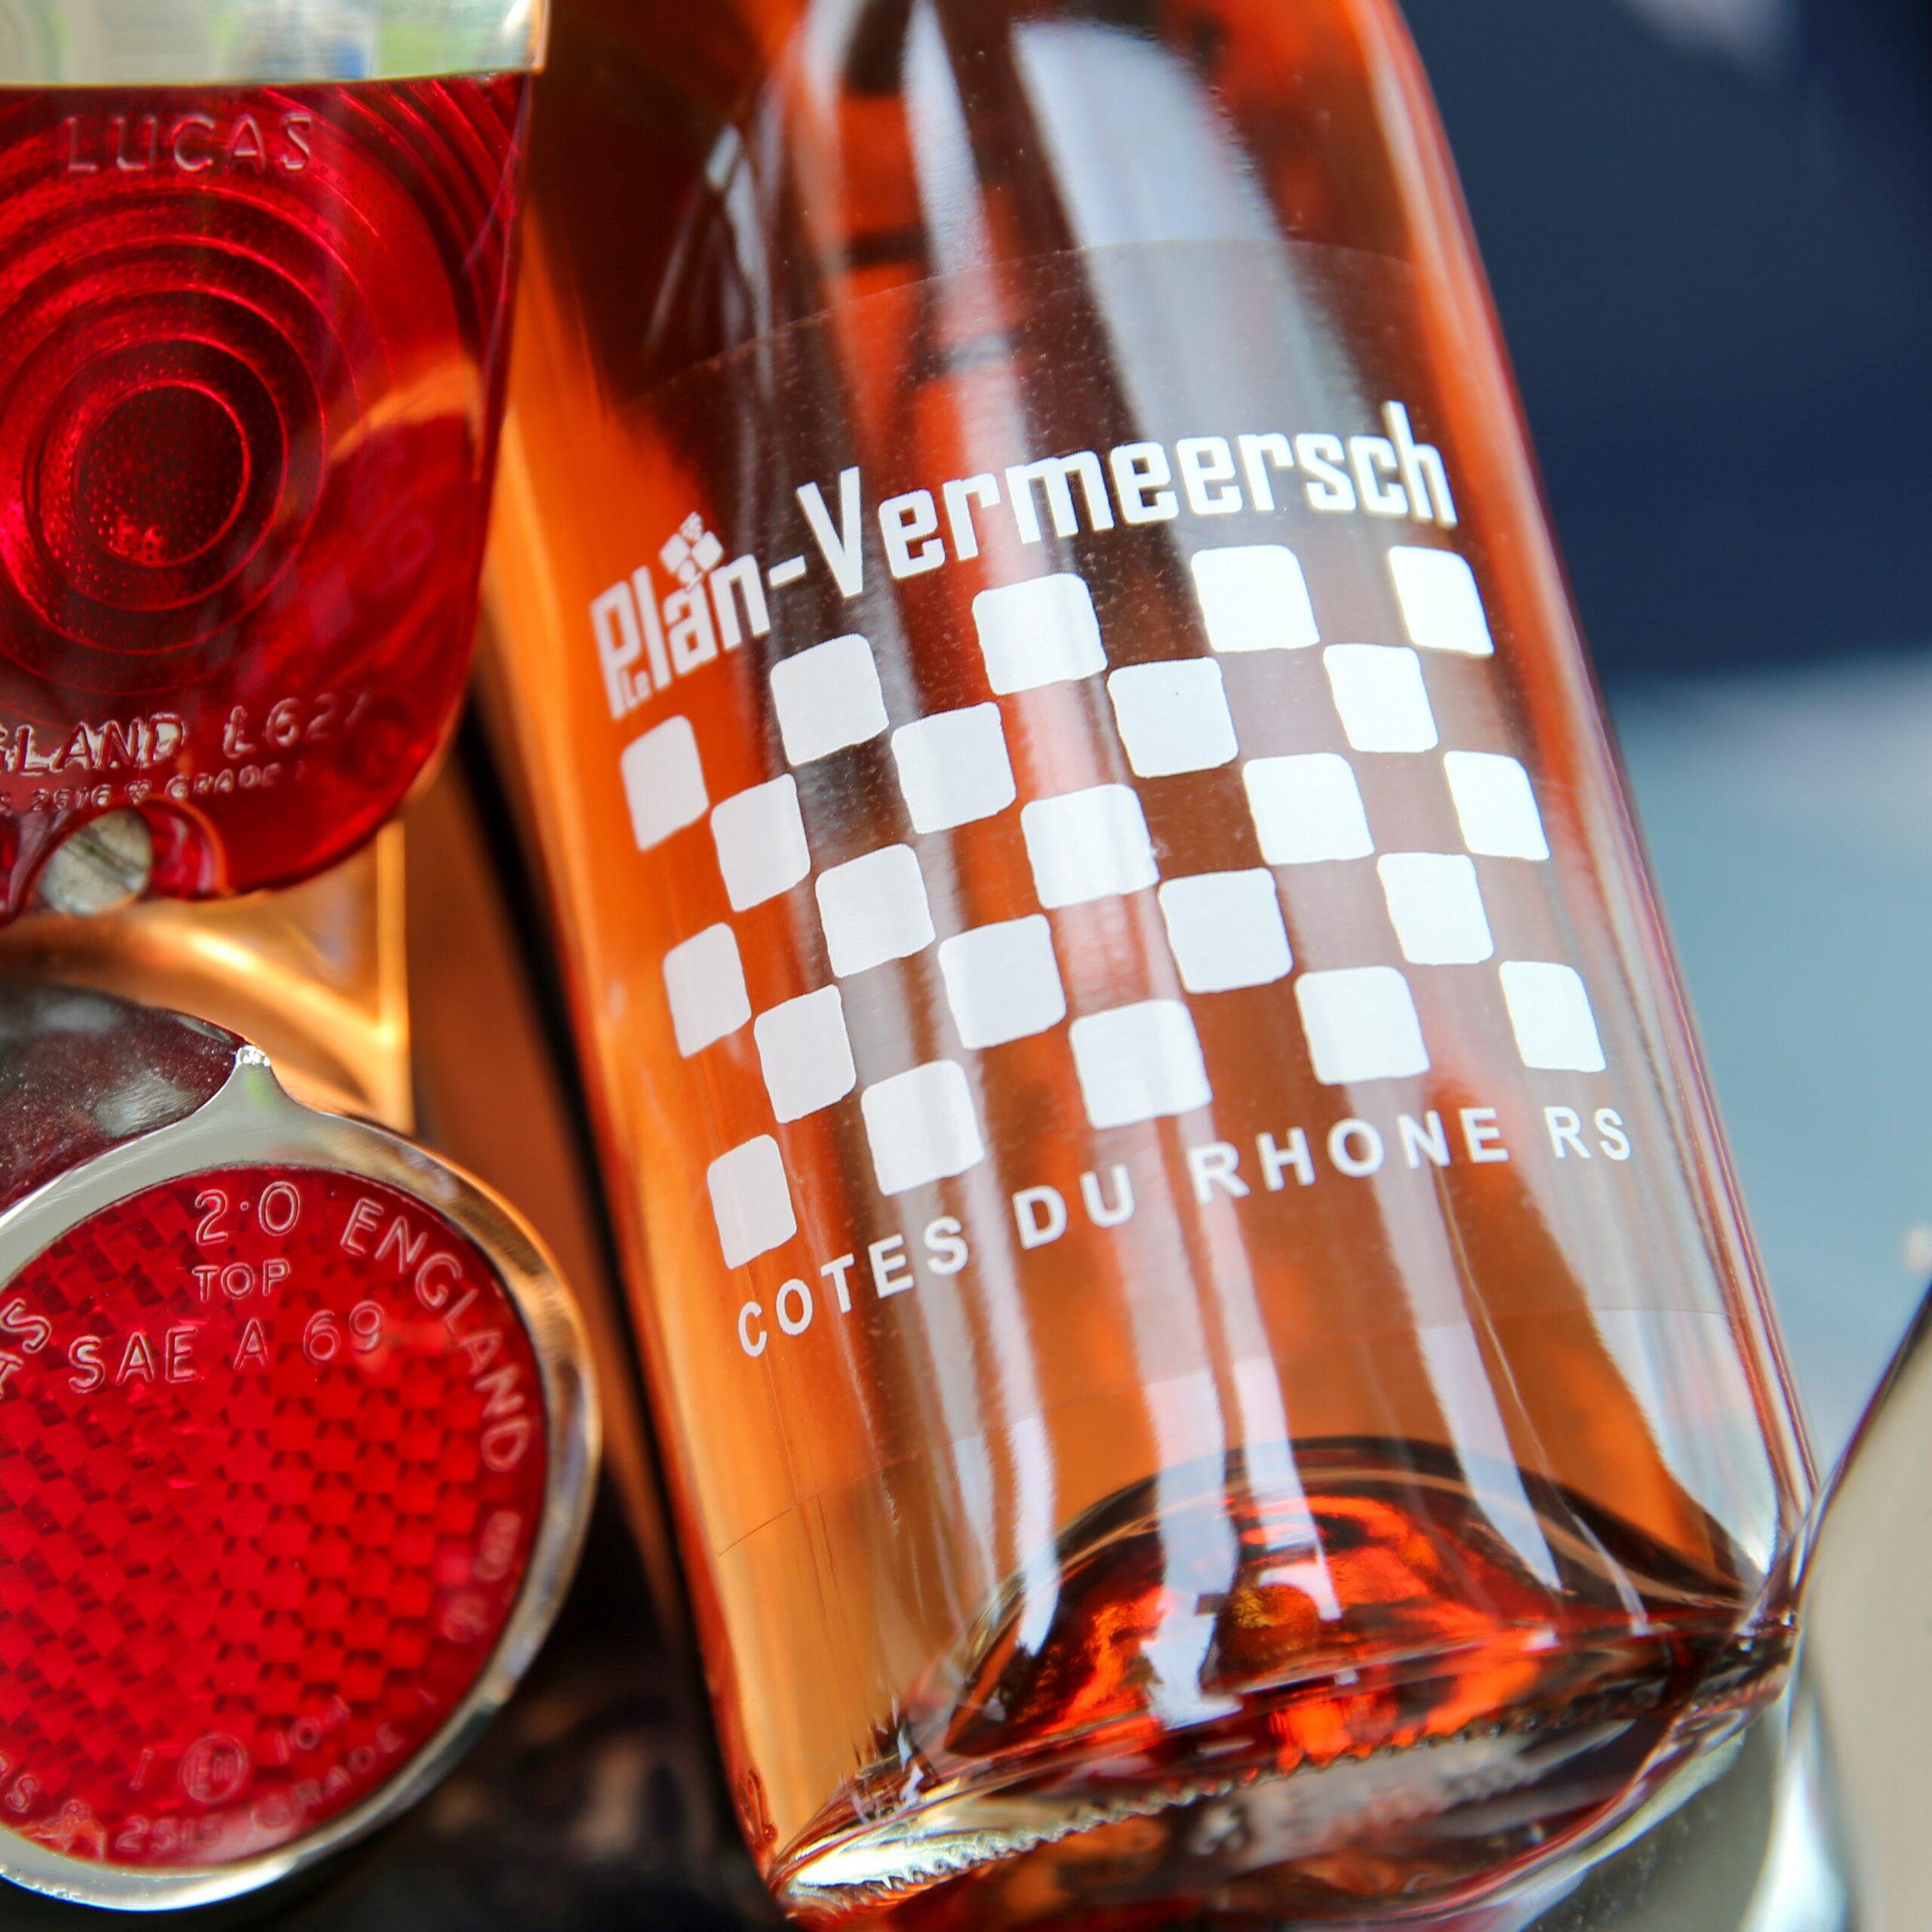 Bottle rose wine Cotes-du-Rhone AOP RS-rose-rhone Leplan-Vermeersch